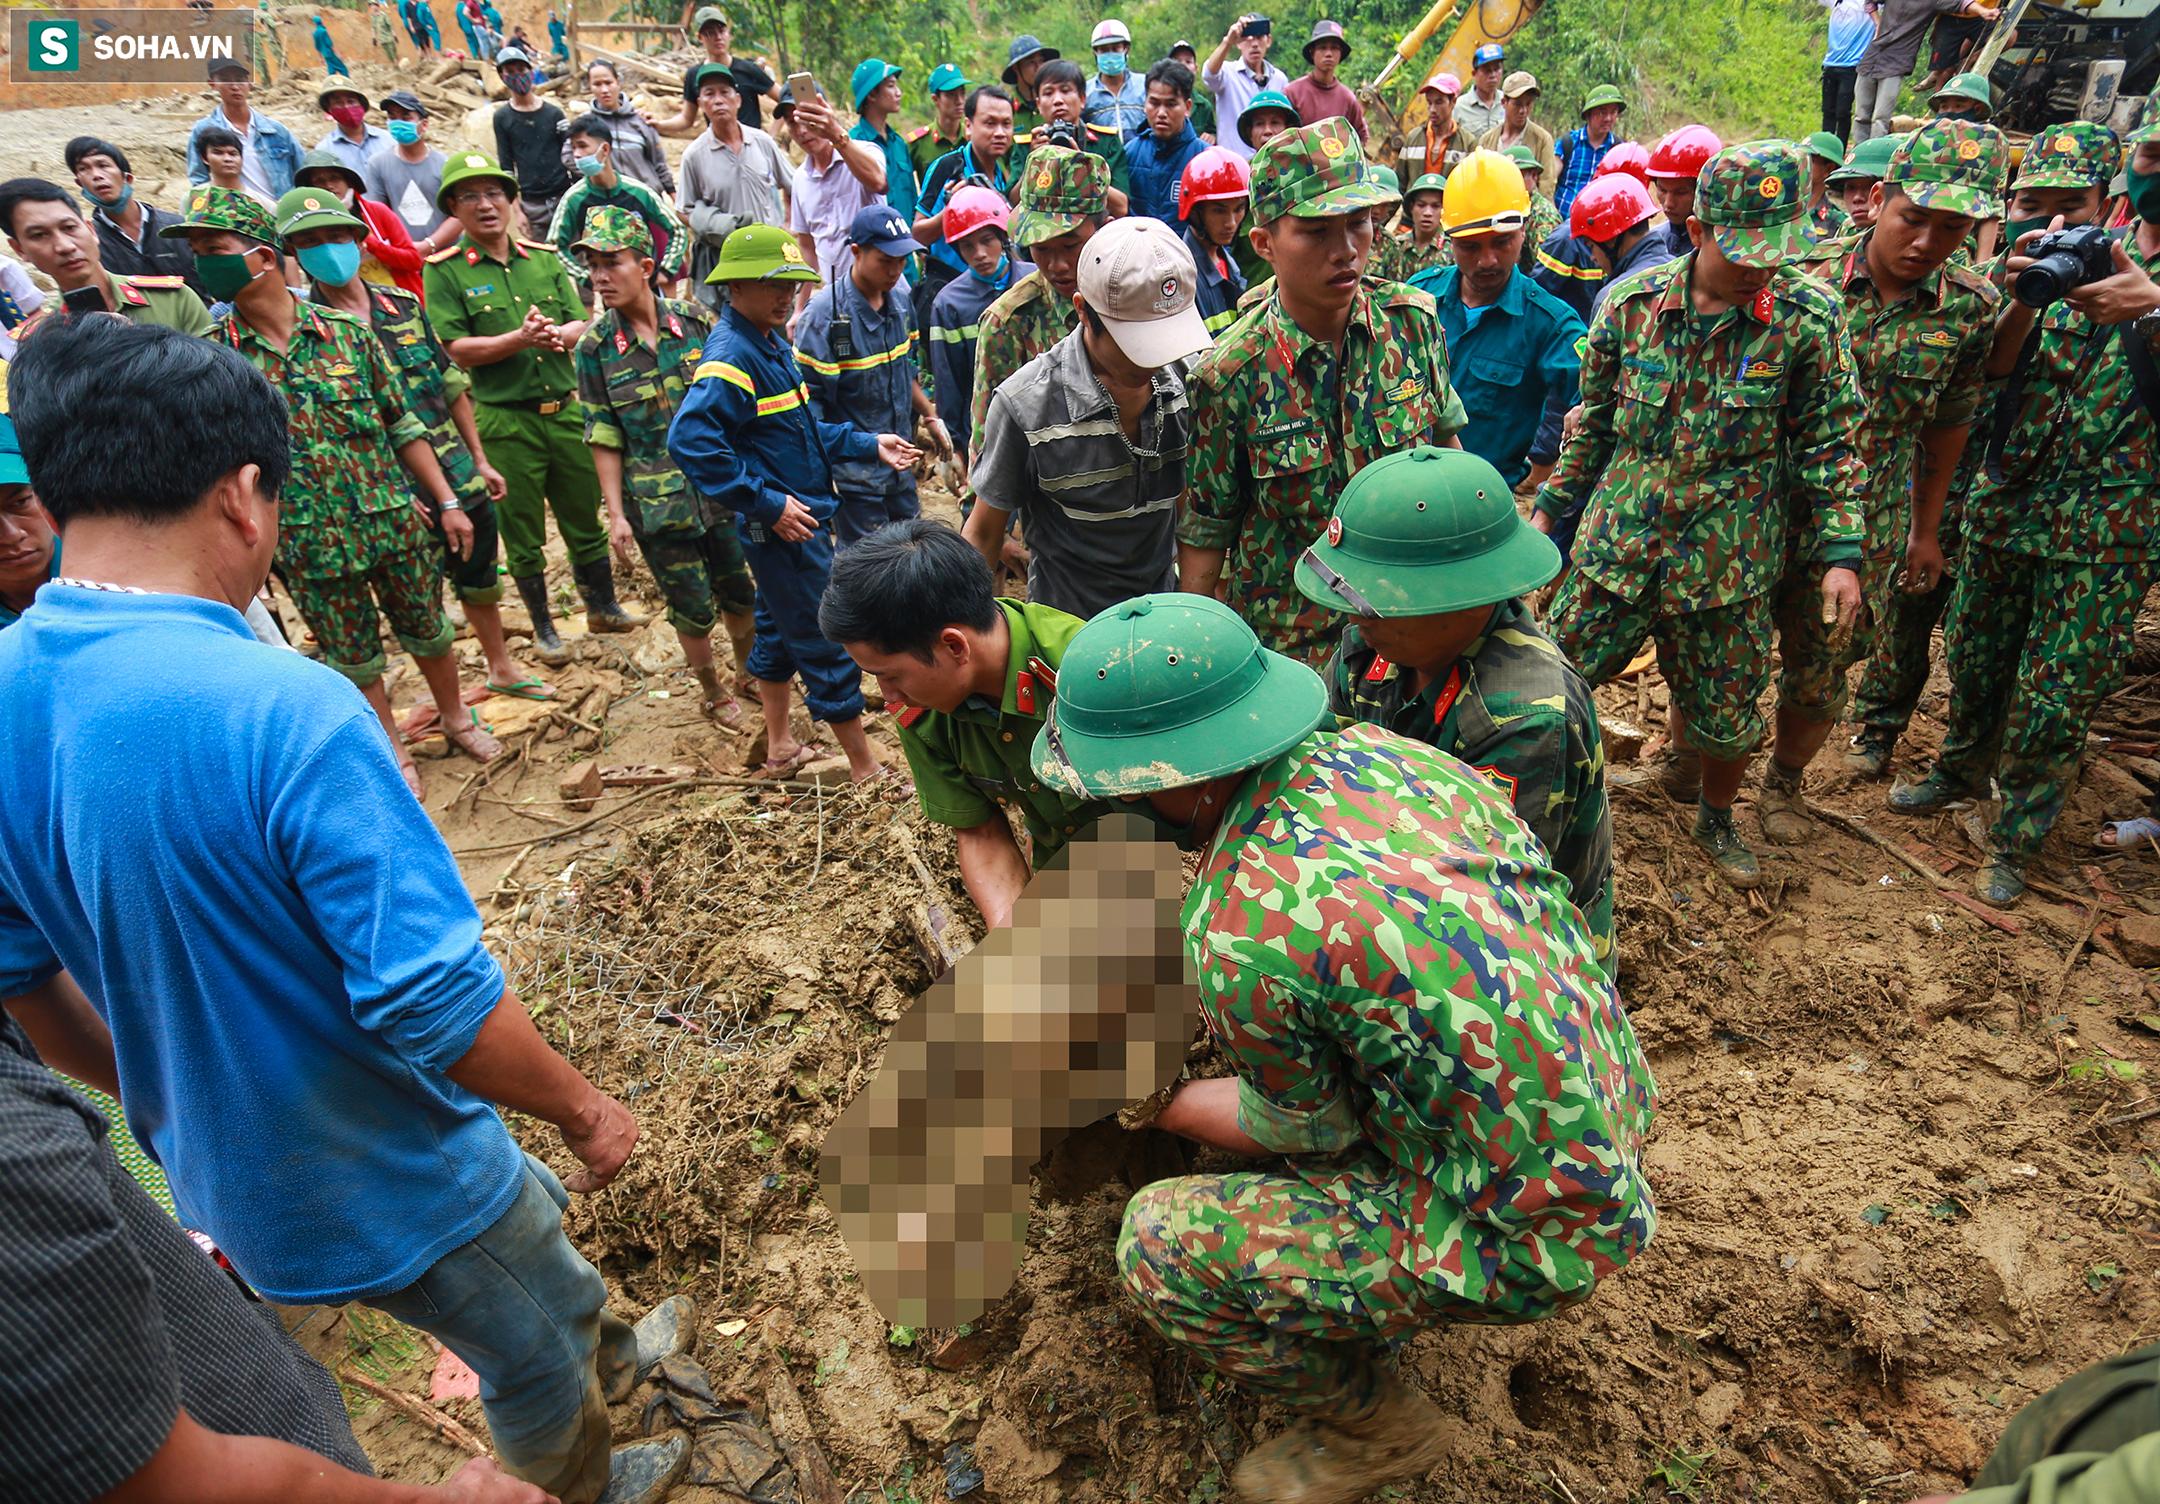 [Ảnh] Dân làng khóc nghẹn khi tìm thấy bé trai 10 tháng tuổi dưới lớp bùn đất vụ sạt lở ở Trà Leng - Ảnh 7.